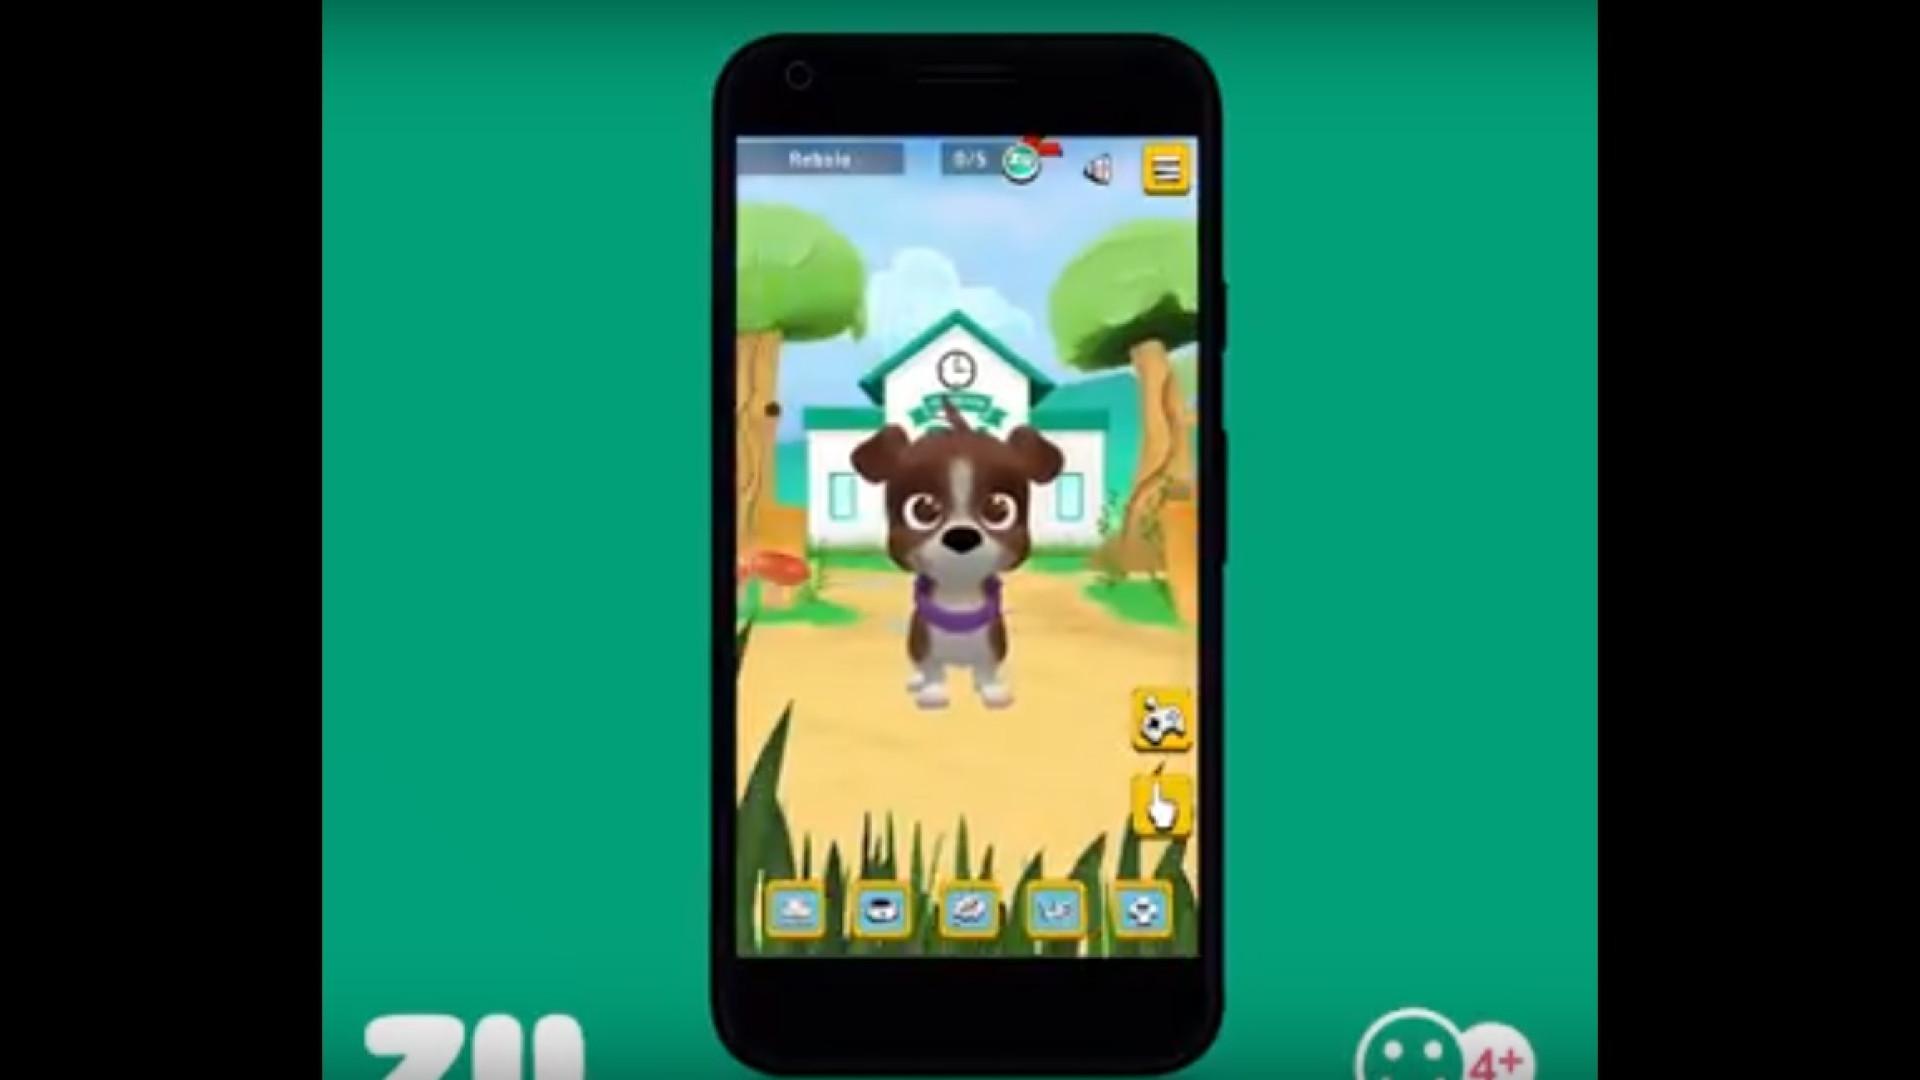 Academia ZU, a app que ajuda os mais pequenos a cuidar dos amigos patudos